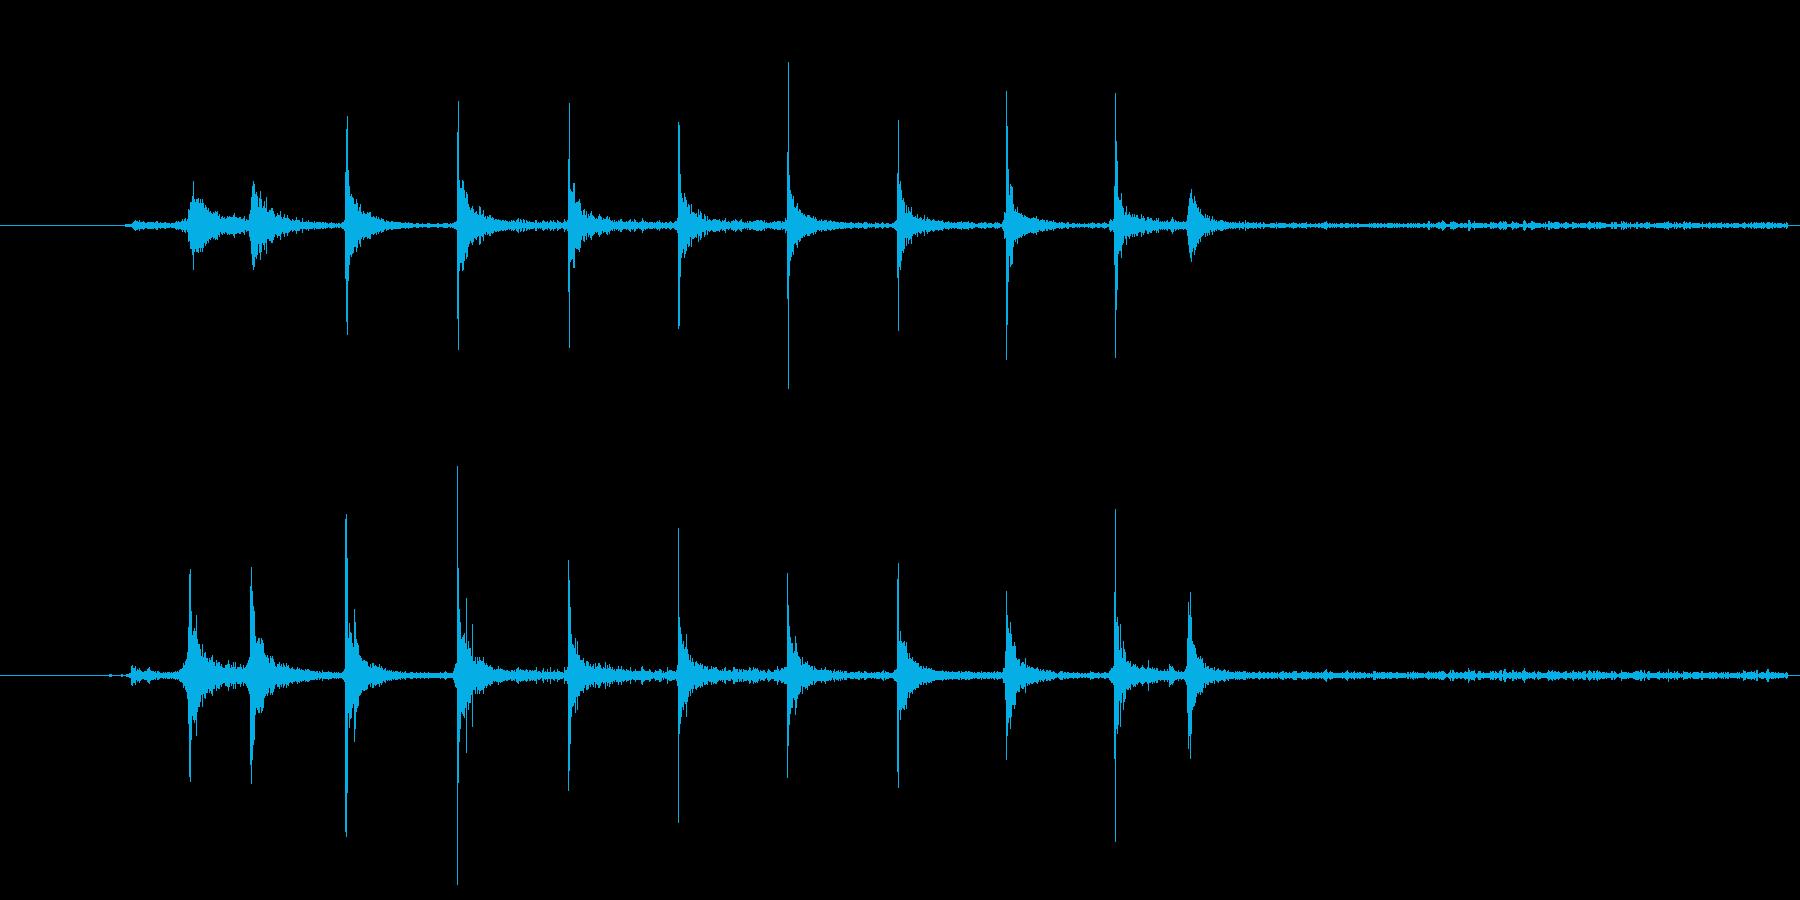 ガスコンロの着火音の再生済みの波形